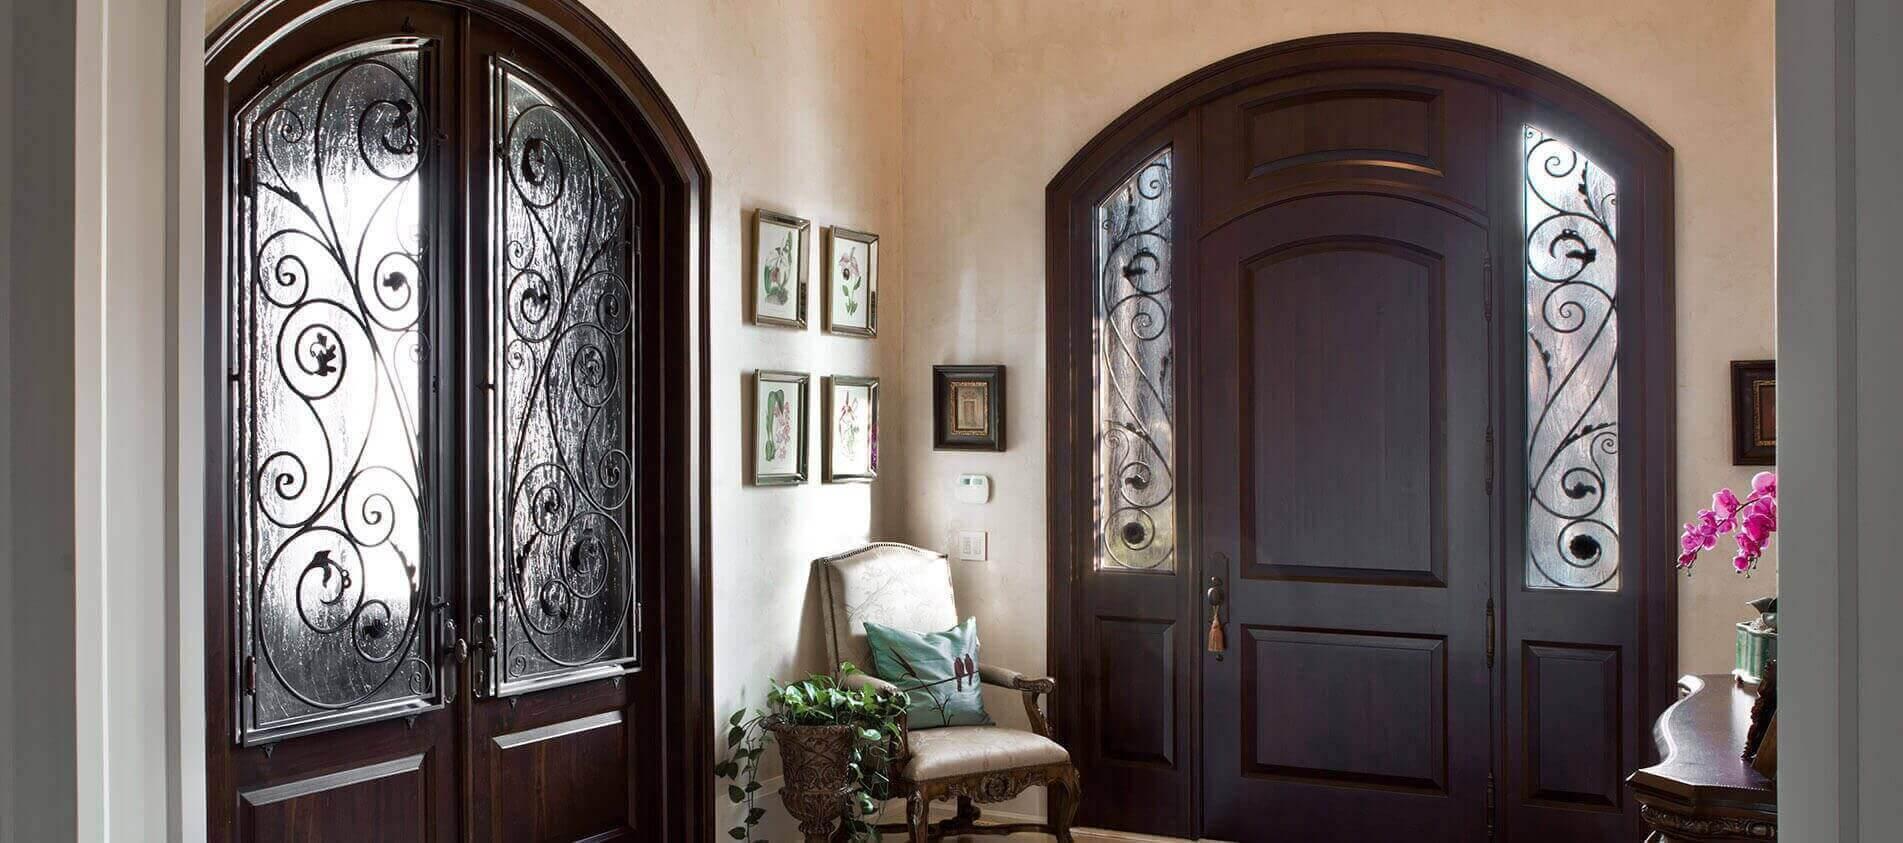 Traditional interior wooden doors - Toronto